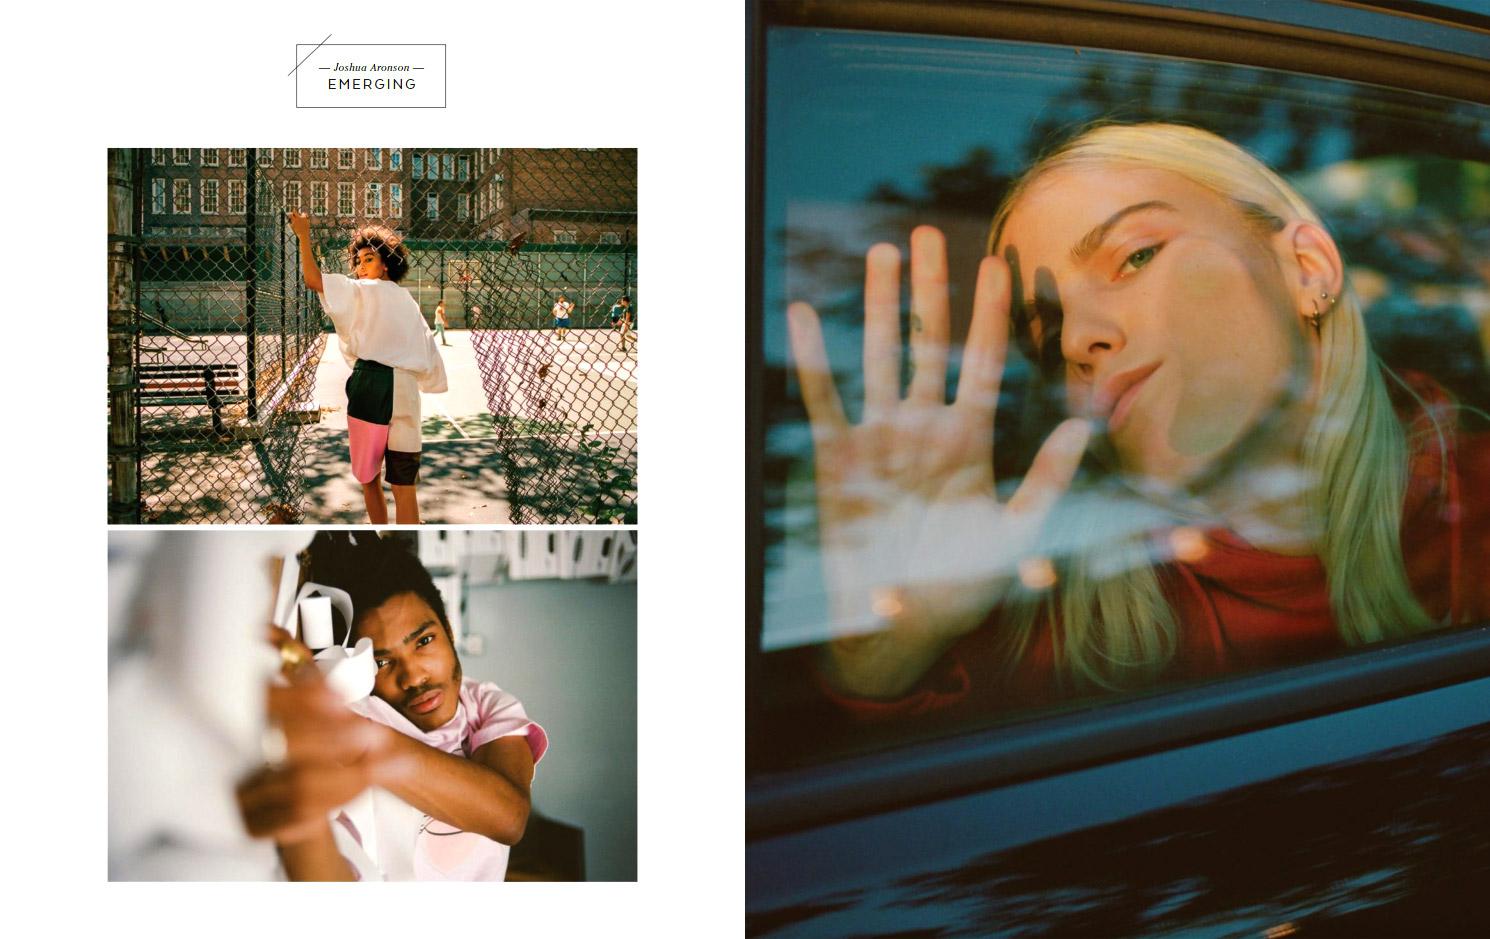 Появление, © Джошуа Аронсон / Joshua Aronson, Фотоконкурс «Новый фотограф» / Emerging Photographer